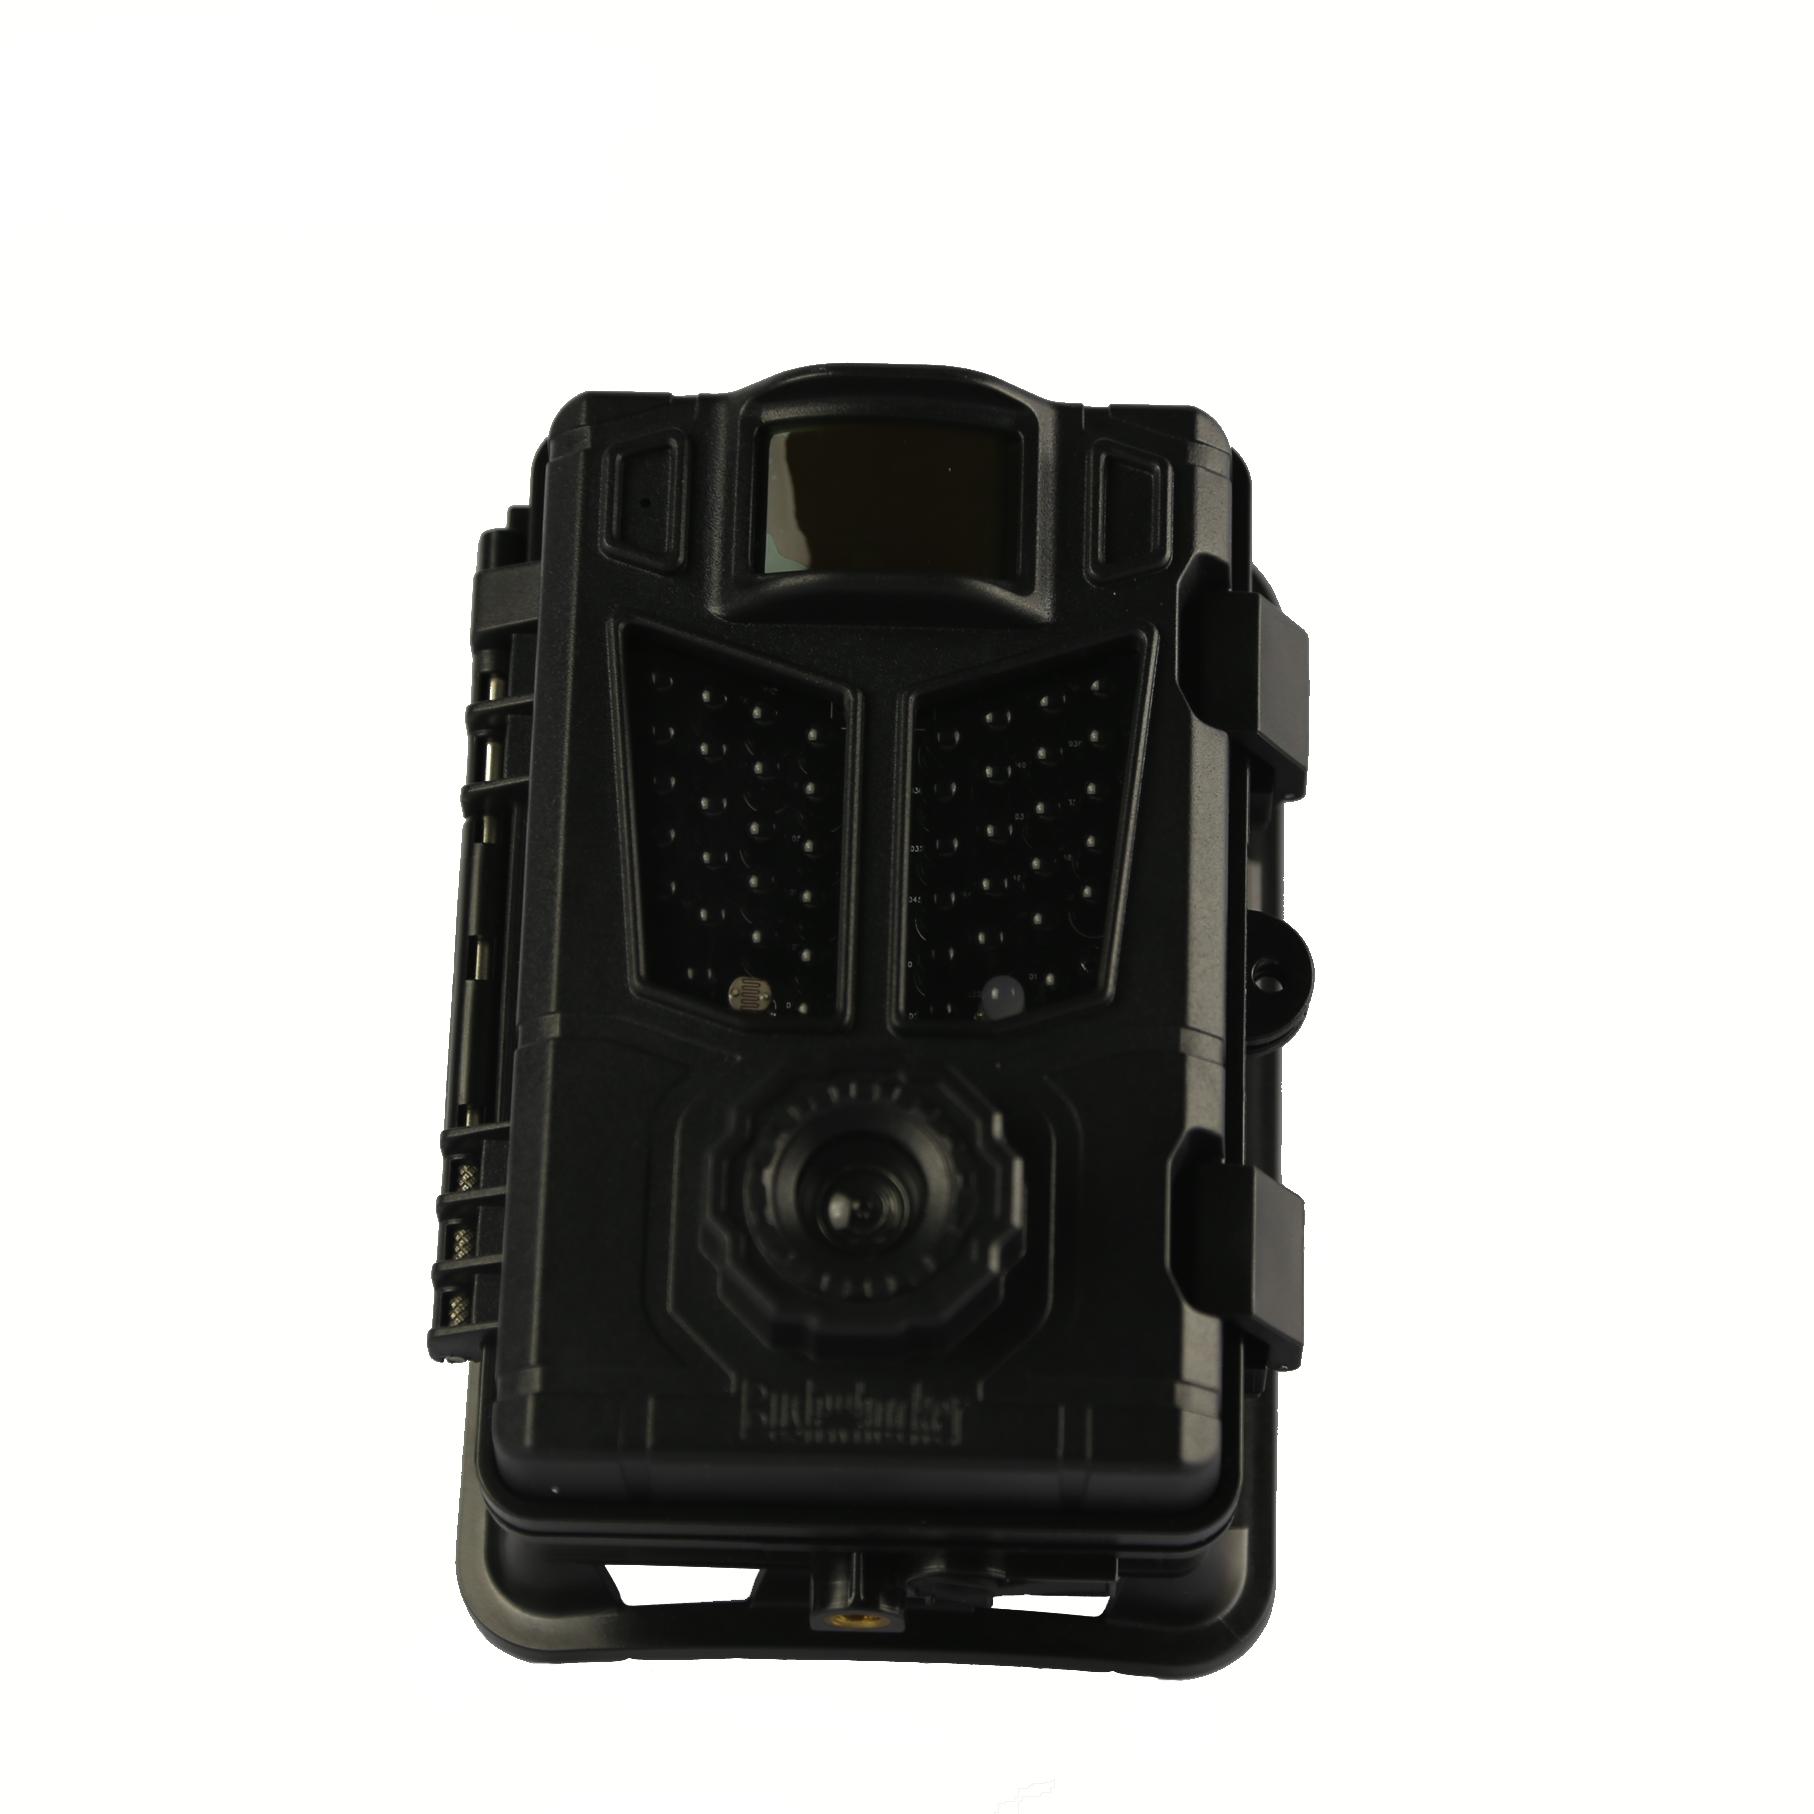 سعر المصنع الكشفية كاميرا تعقب كاميرا خفية